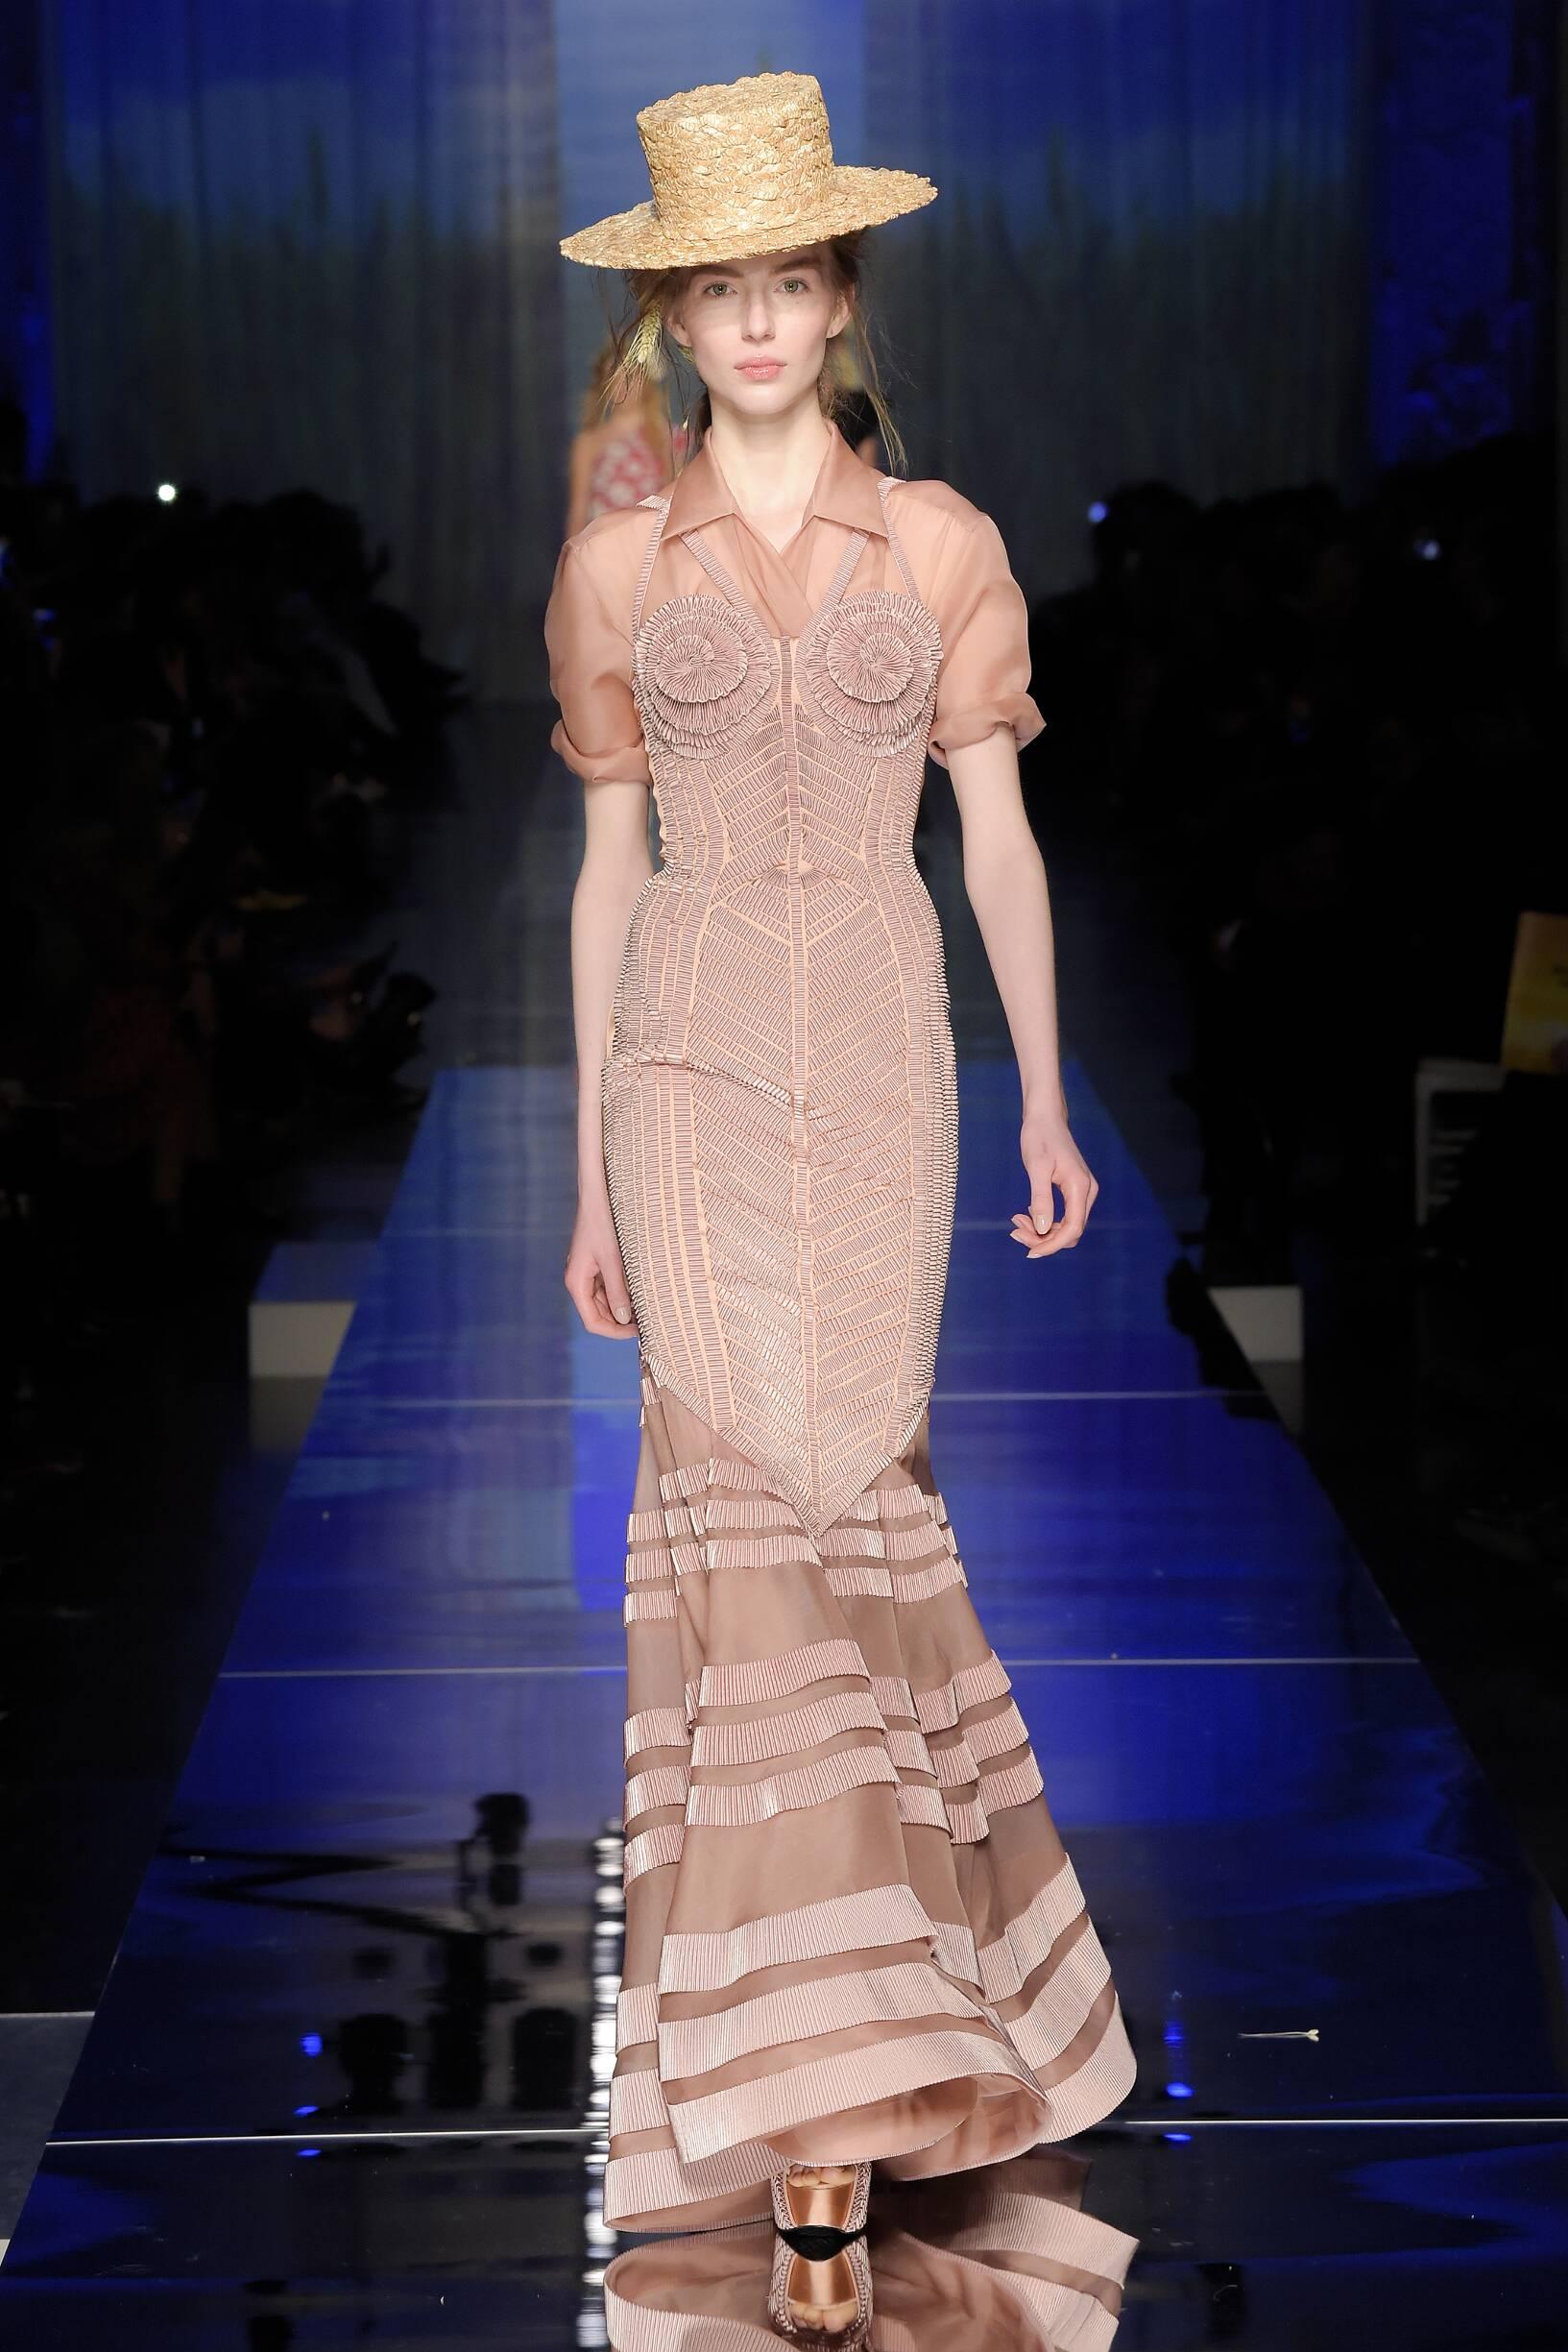 2017 Womenswear Jean Paul Gaultier Haute Couture Catwalk